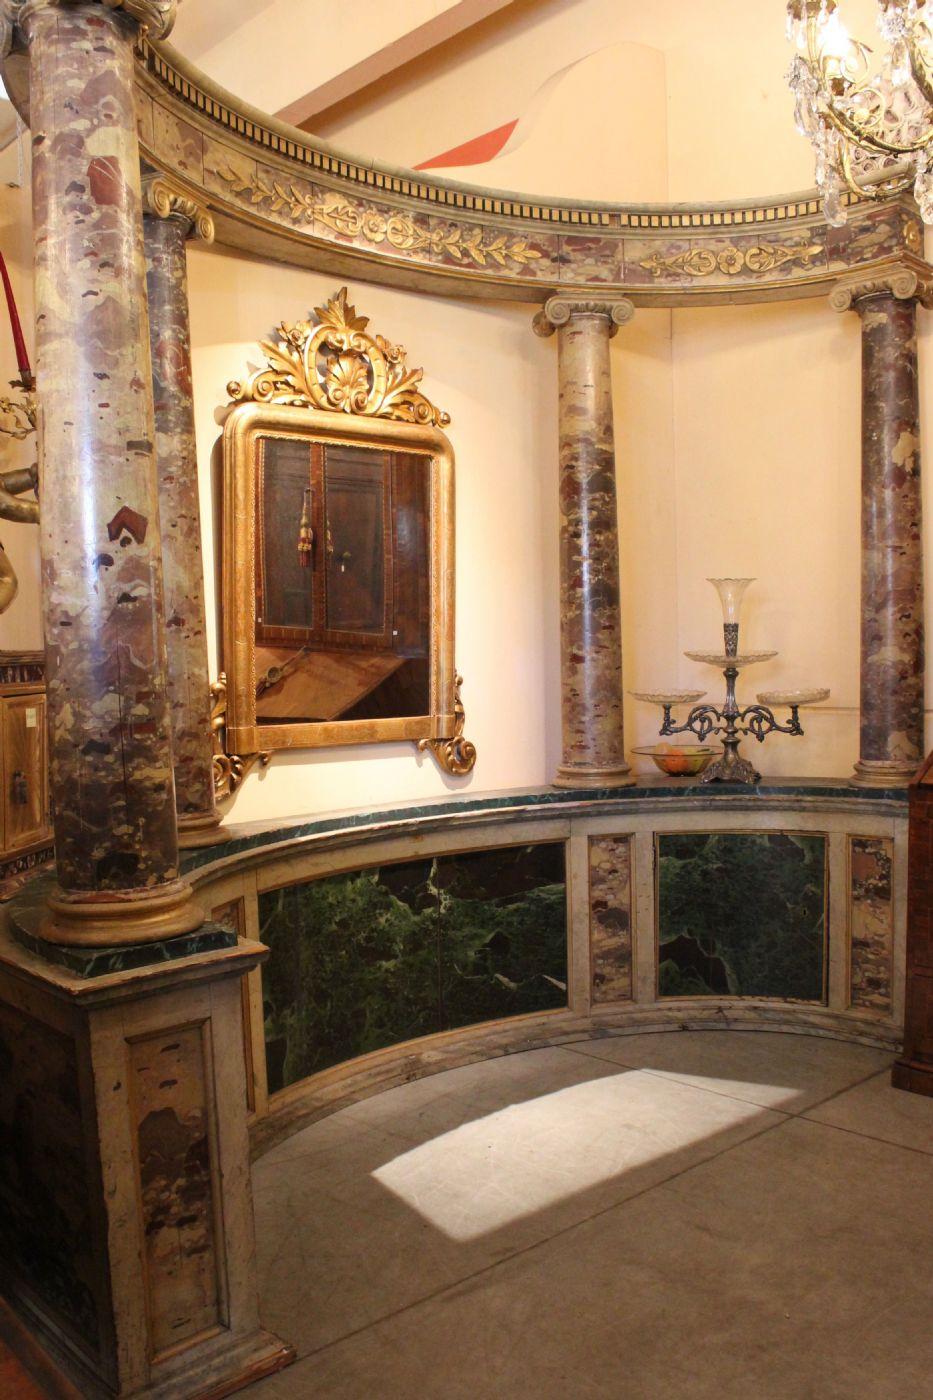 thumb4 Tempio marmorizzato (epoca: Impero - Prima metà del XIX secolo)